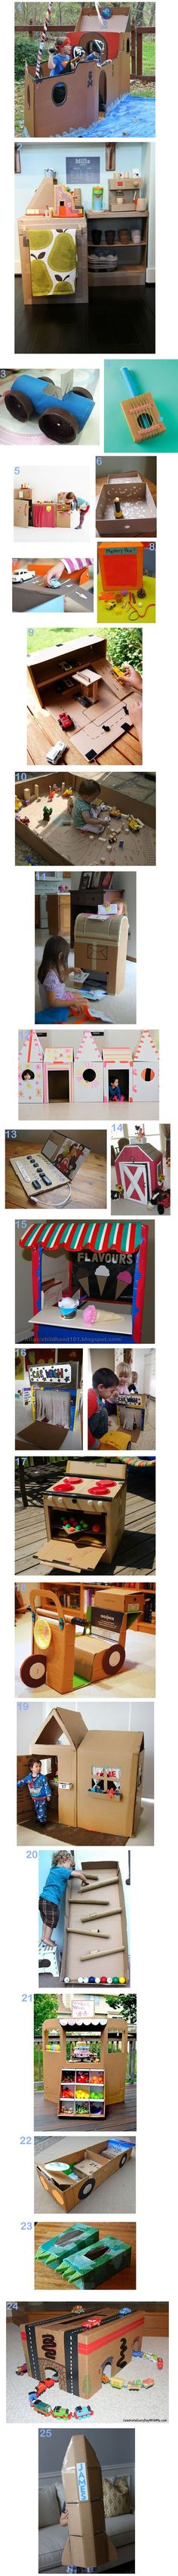 Kinder bastel Ideen für große Kartons